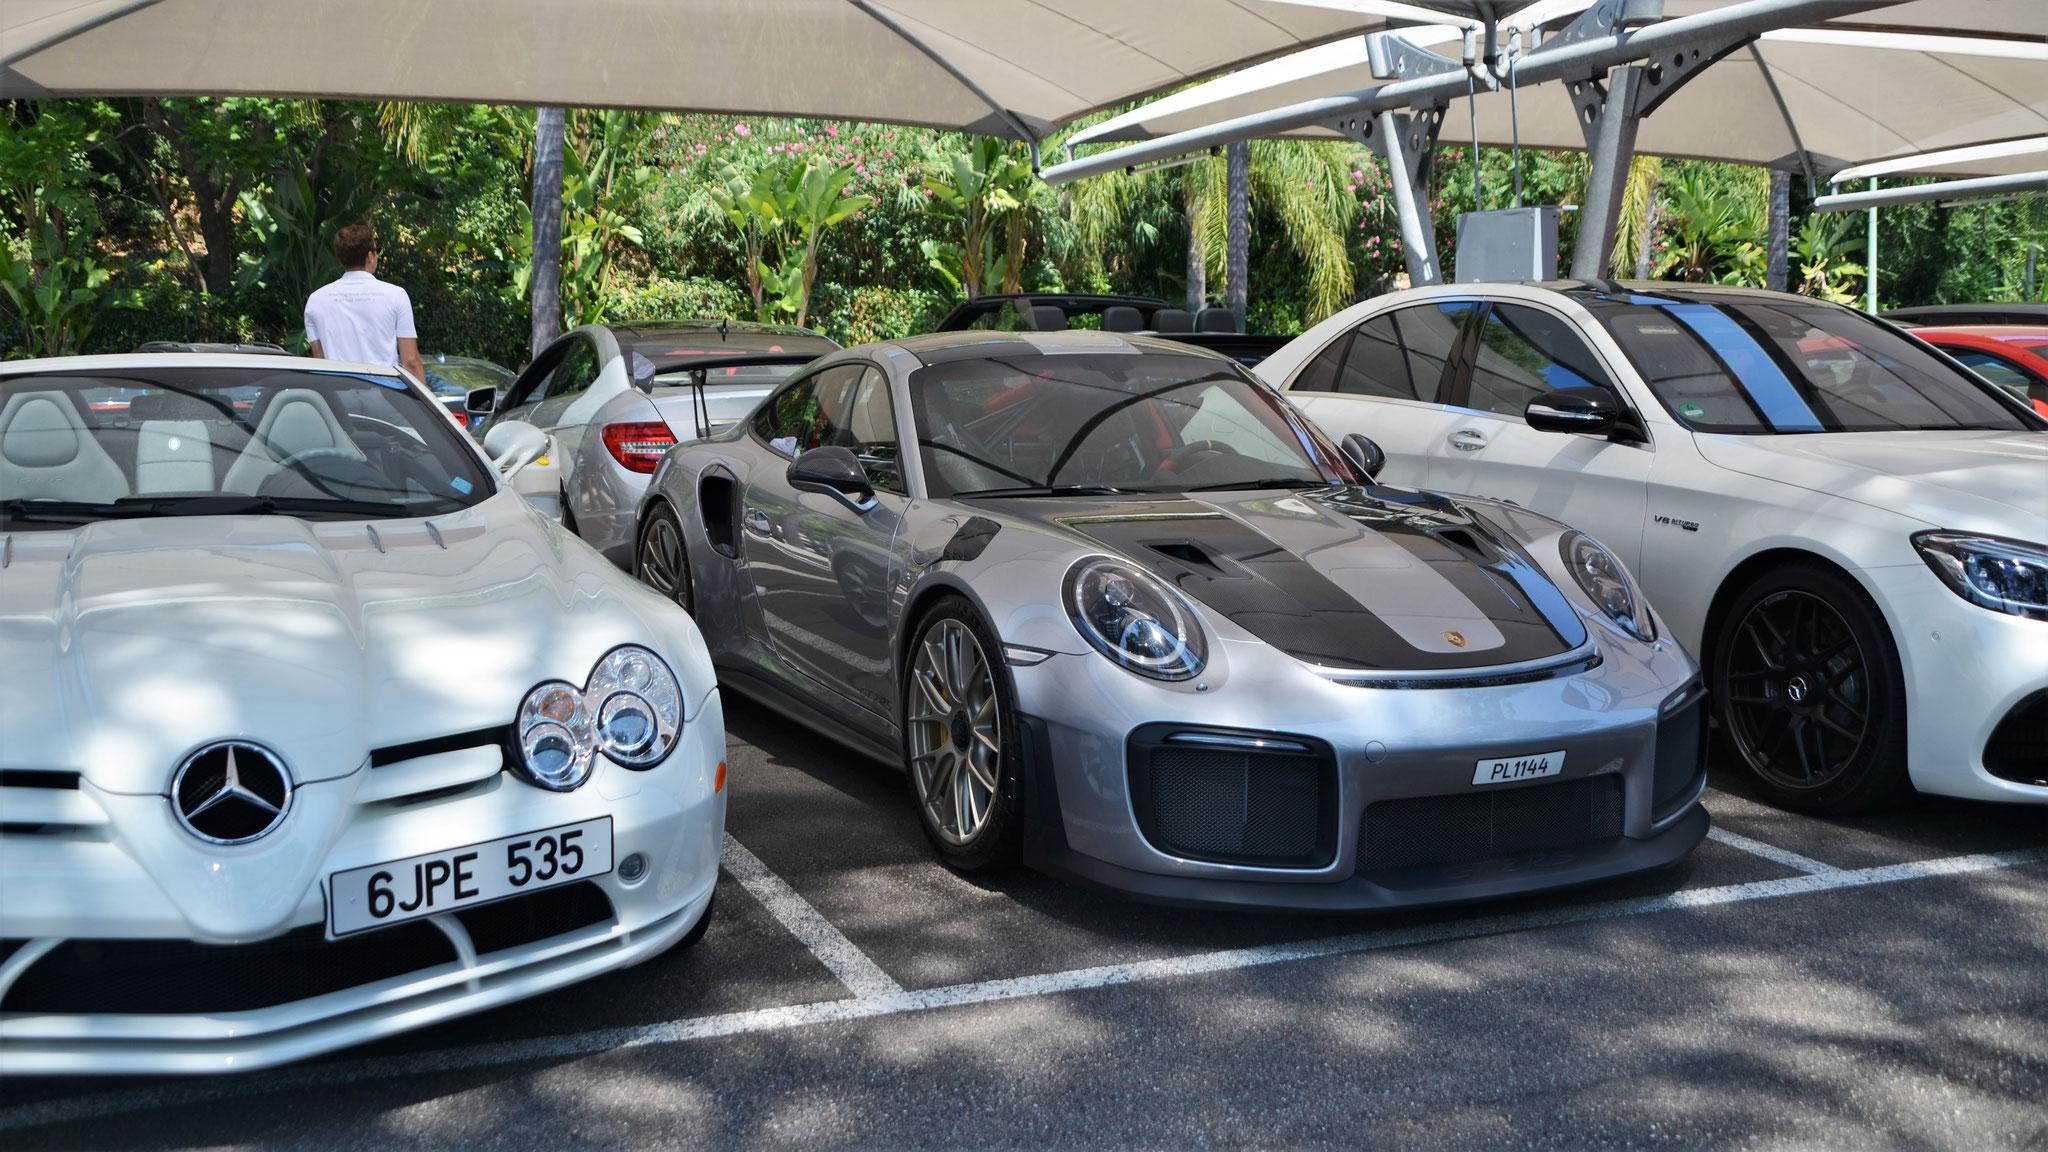 Porsche GT2 RS - PL1144 (?)